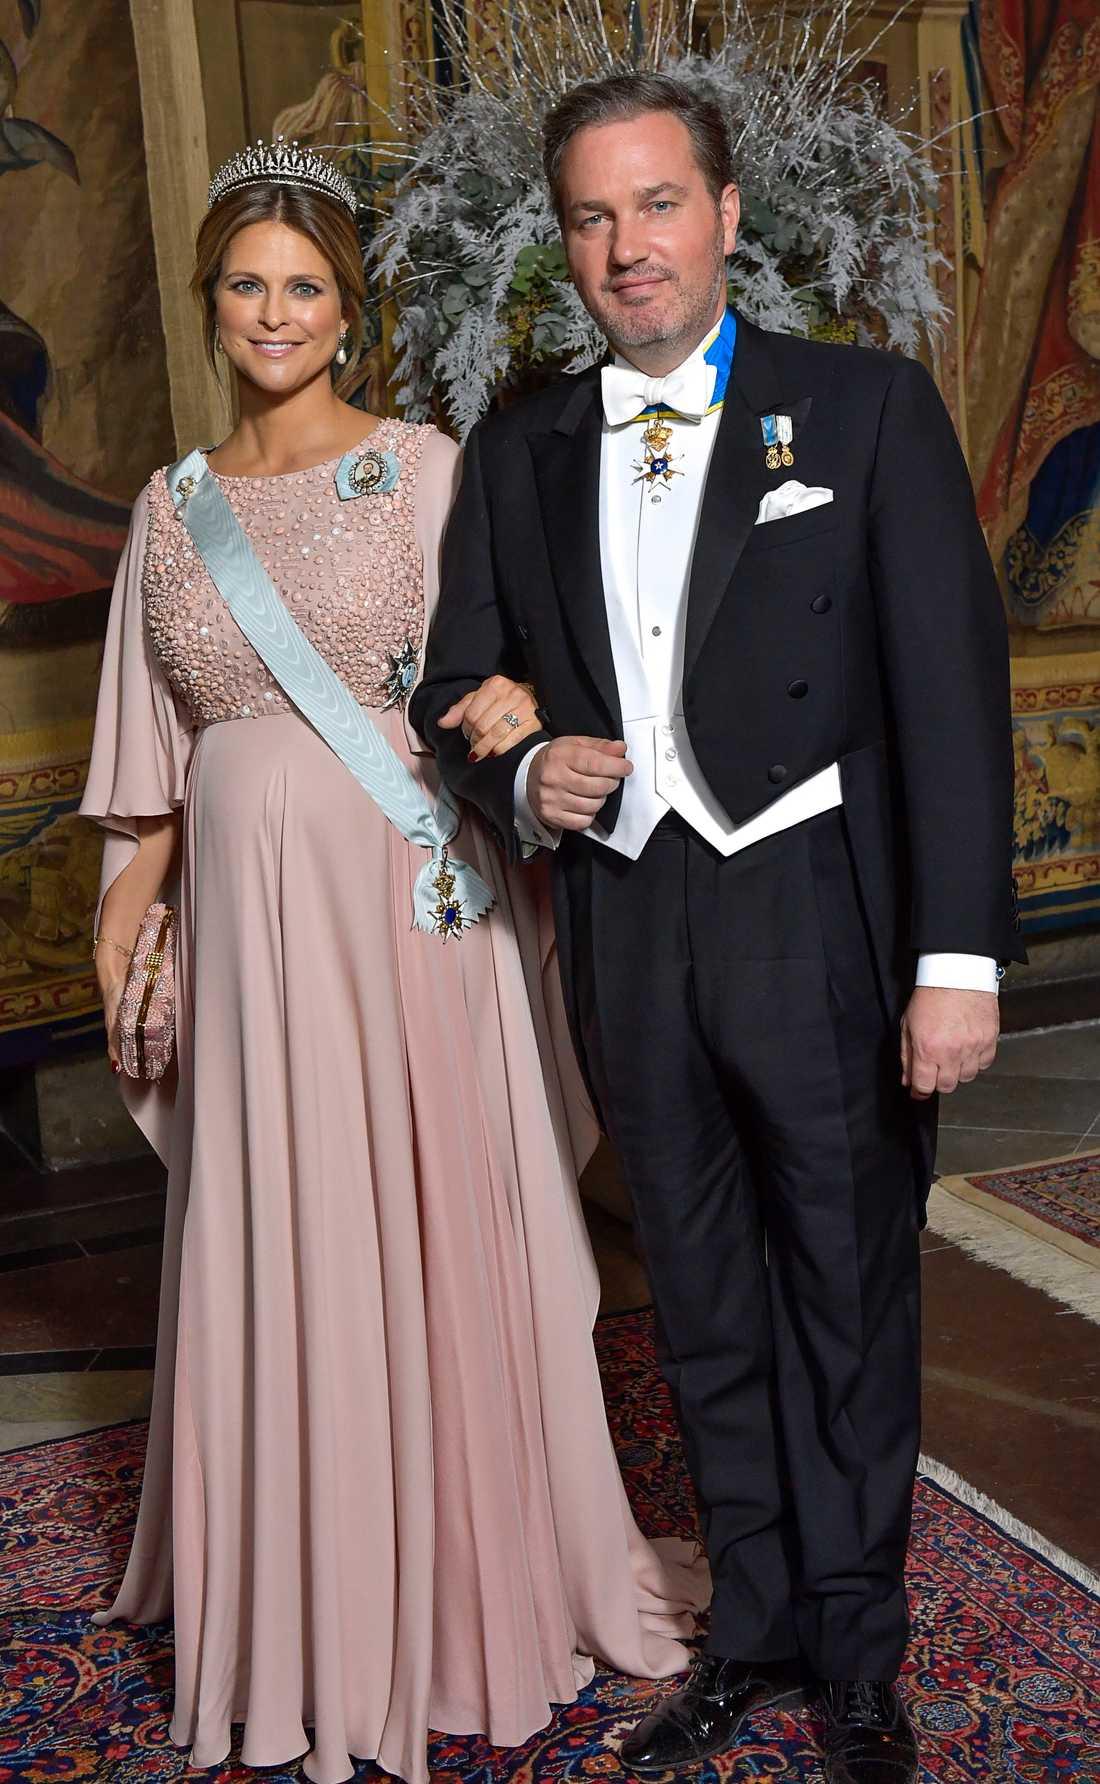 Prinsessan Madeleine och Chris O'Neill under kungamiddagen i samband med Nobelprisfirandet 2017.